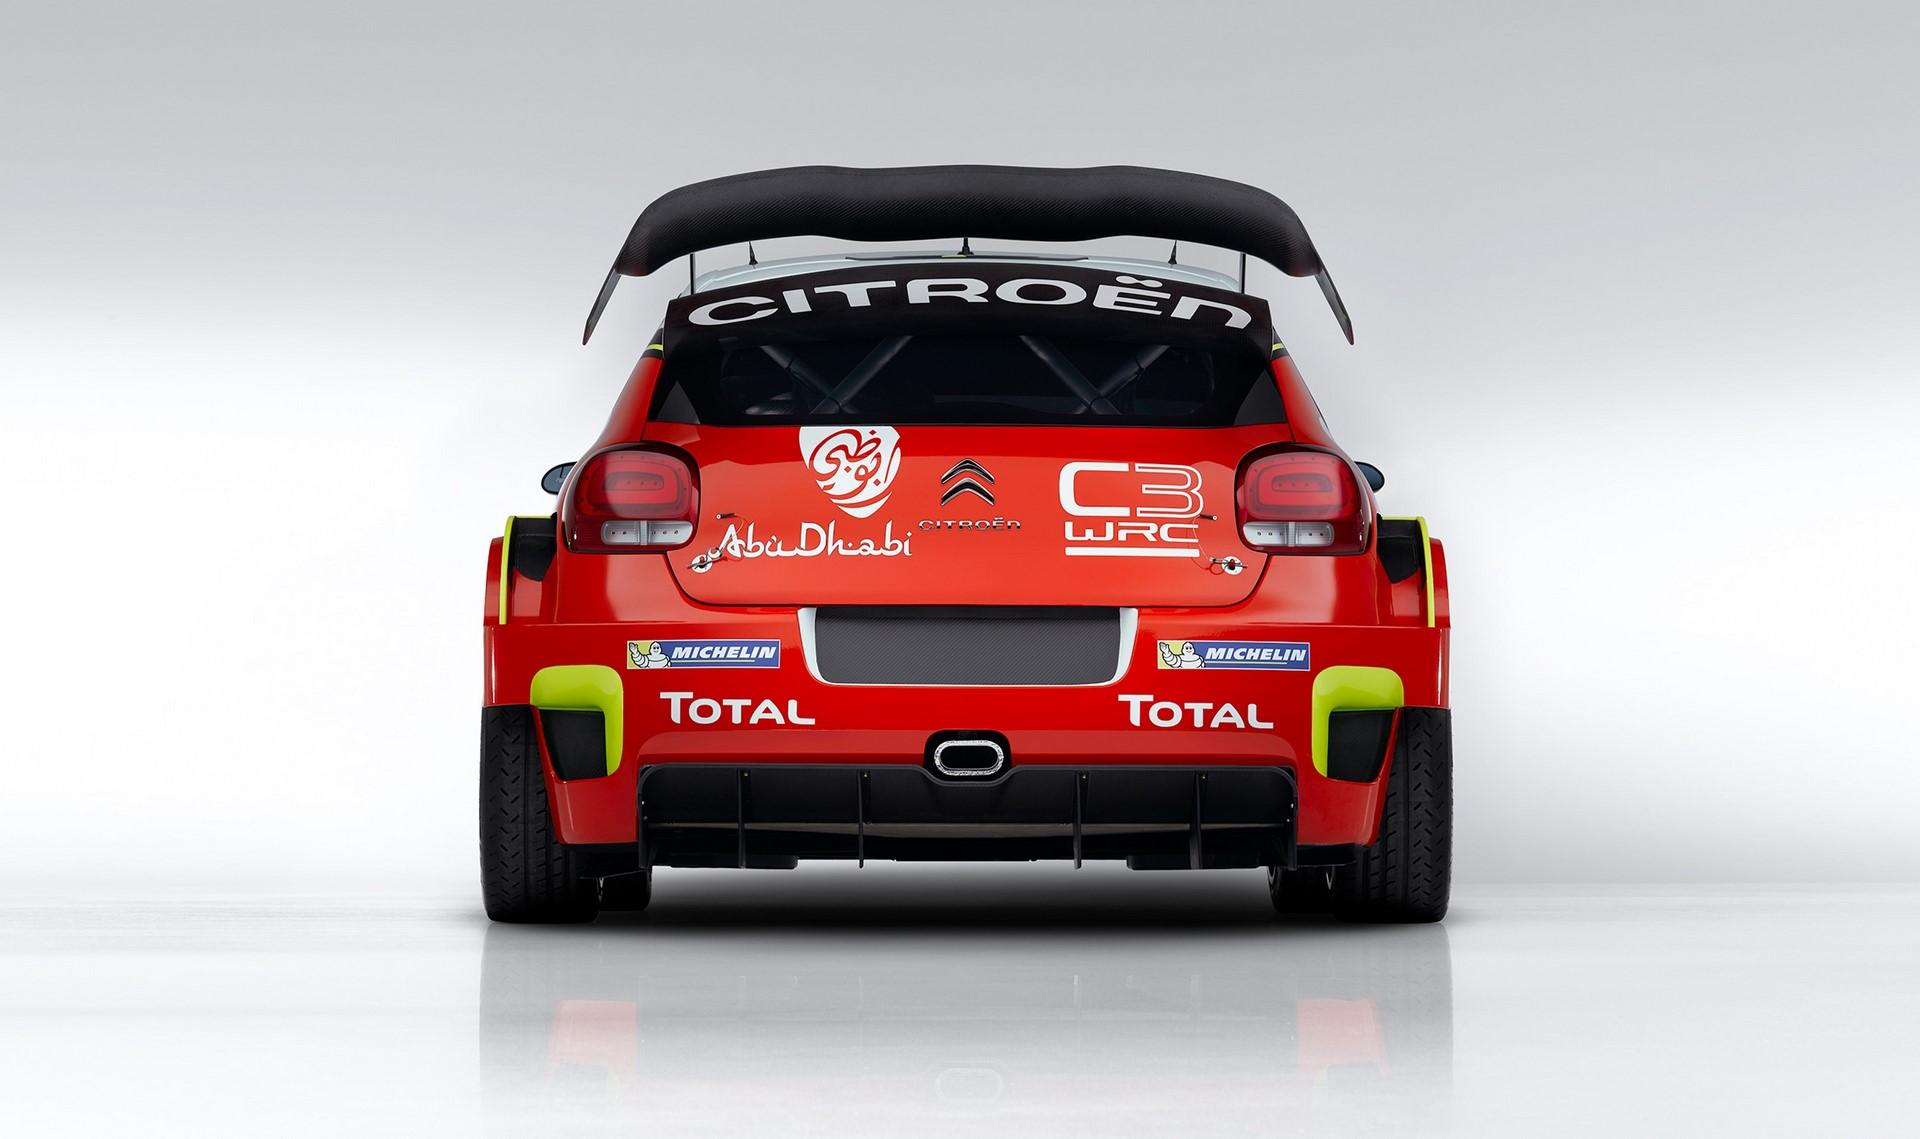 2017 Citroen C3 WRC (3)